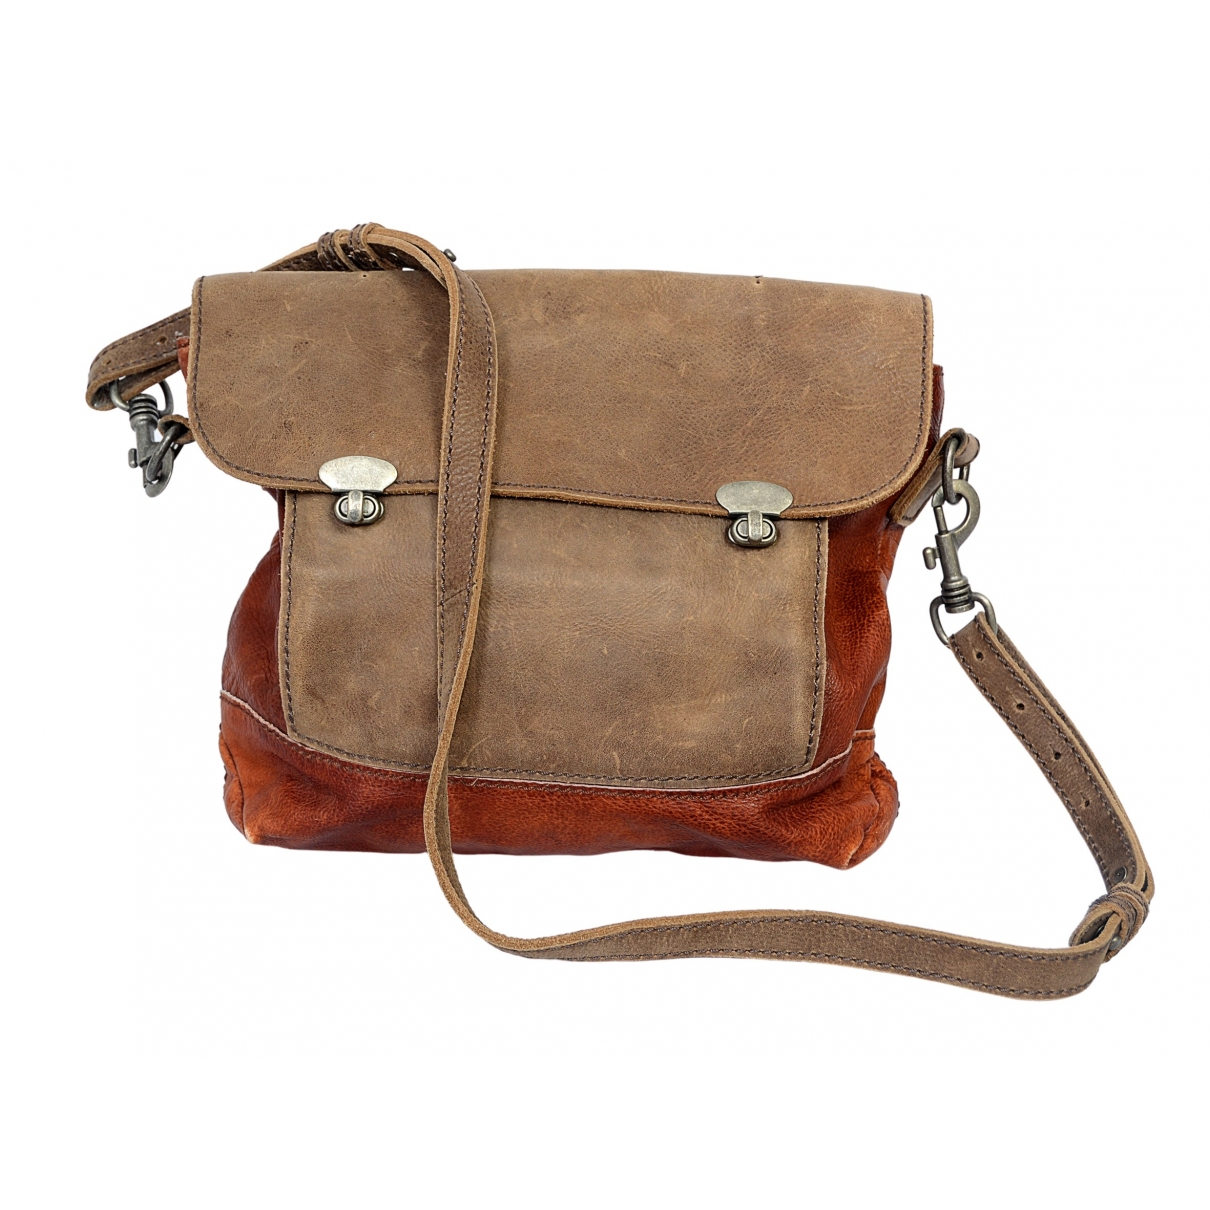 Liebeskind \N Handtasche in  Braun Leder